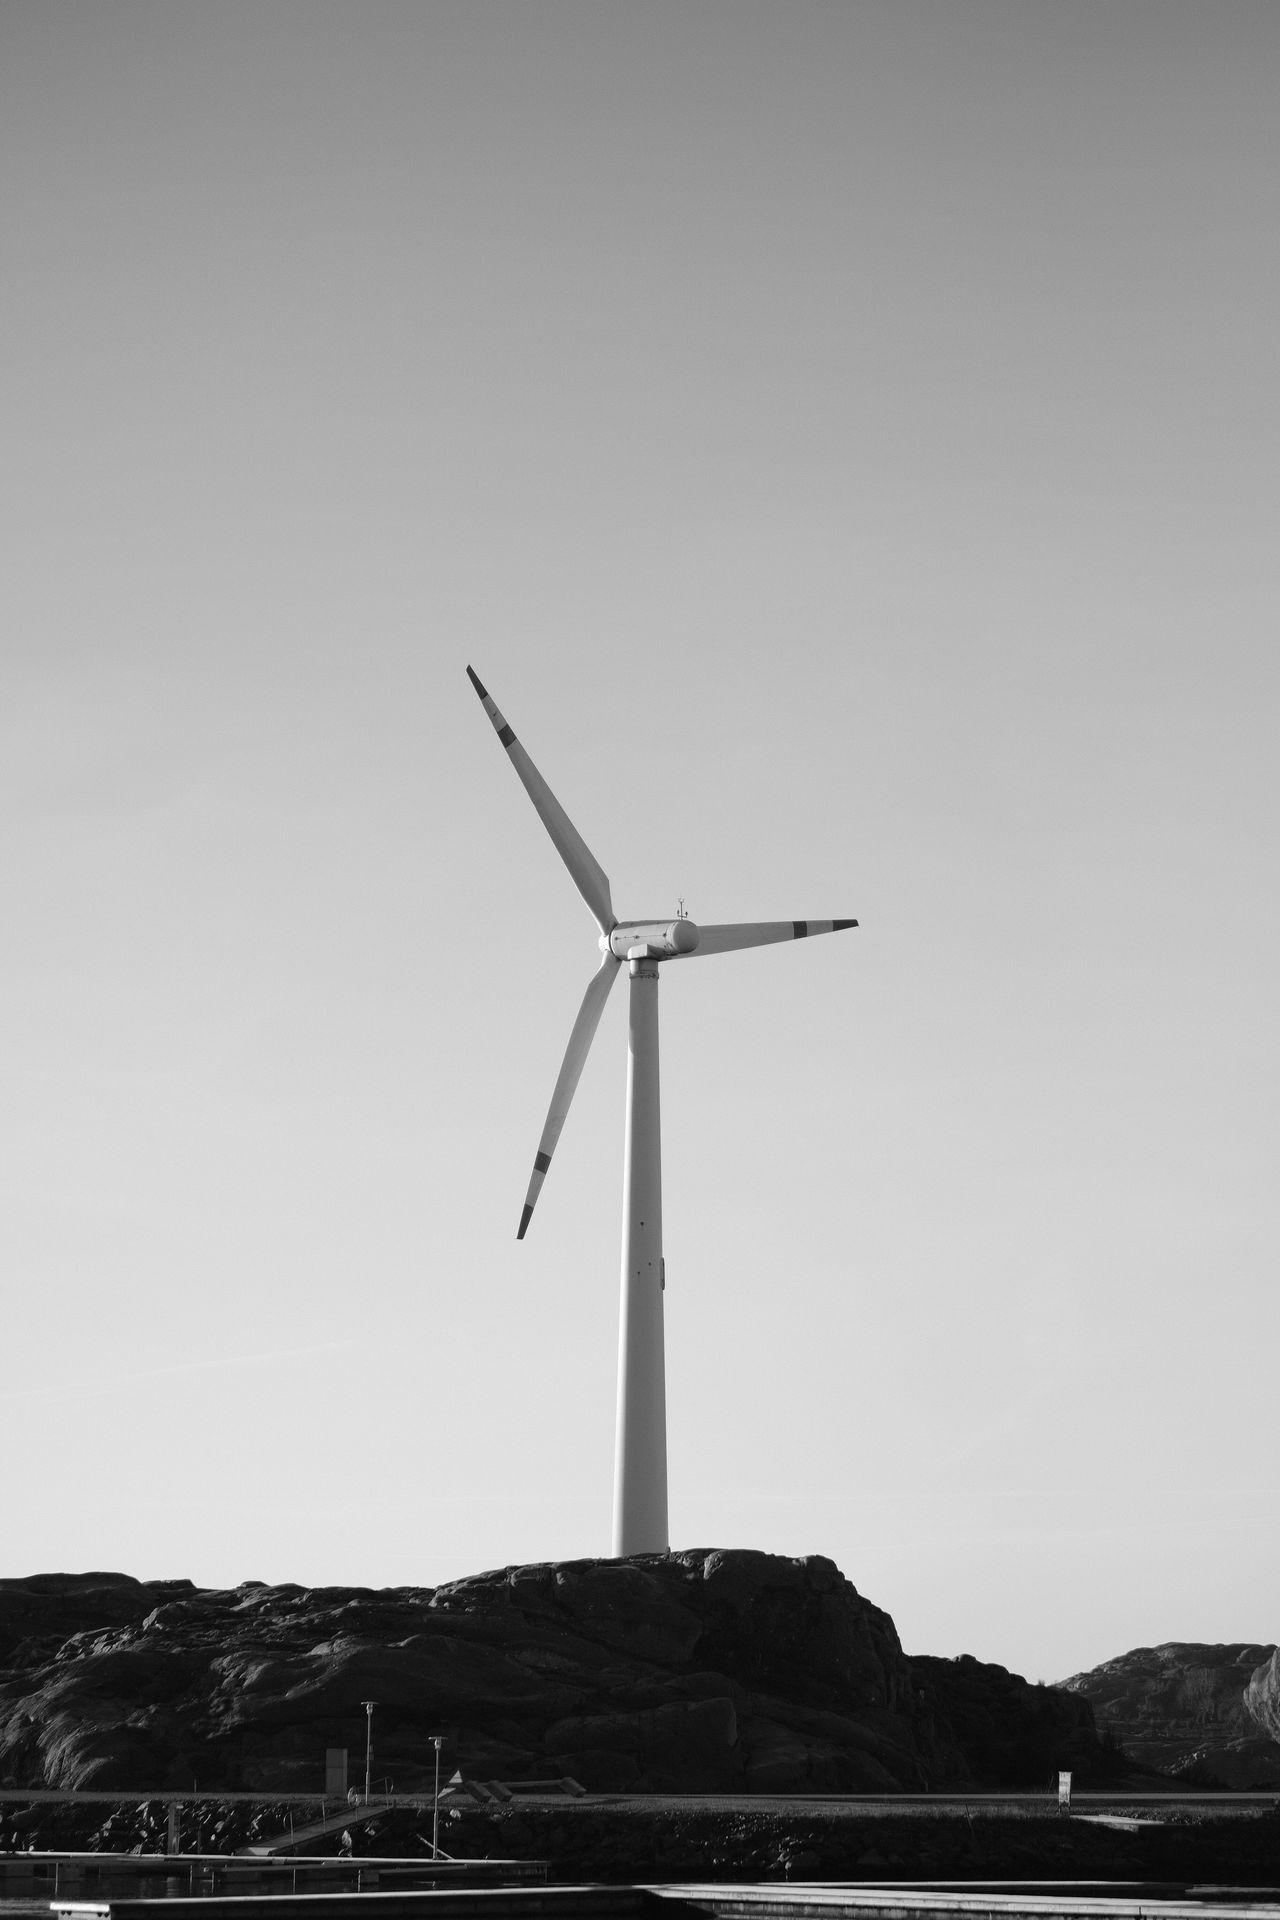 Wind Power Windmill Wind Turbine Outdoors Alternative Energy Svartvitt Technology Sweden Lysekil FUJIFILM X-T2 XF56mmAPD Monochrome Eyeem Monochrome Eyeem Black And White Sweden Monochrome EyeEm Best Shots - Black + White Blancoynegro X-t2 Vindkraft Eyeem Photography Eyeem Sweden Fujifilm Sverige EyeEm Best Shots Fujilove